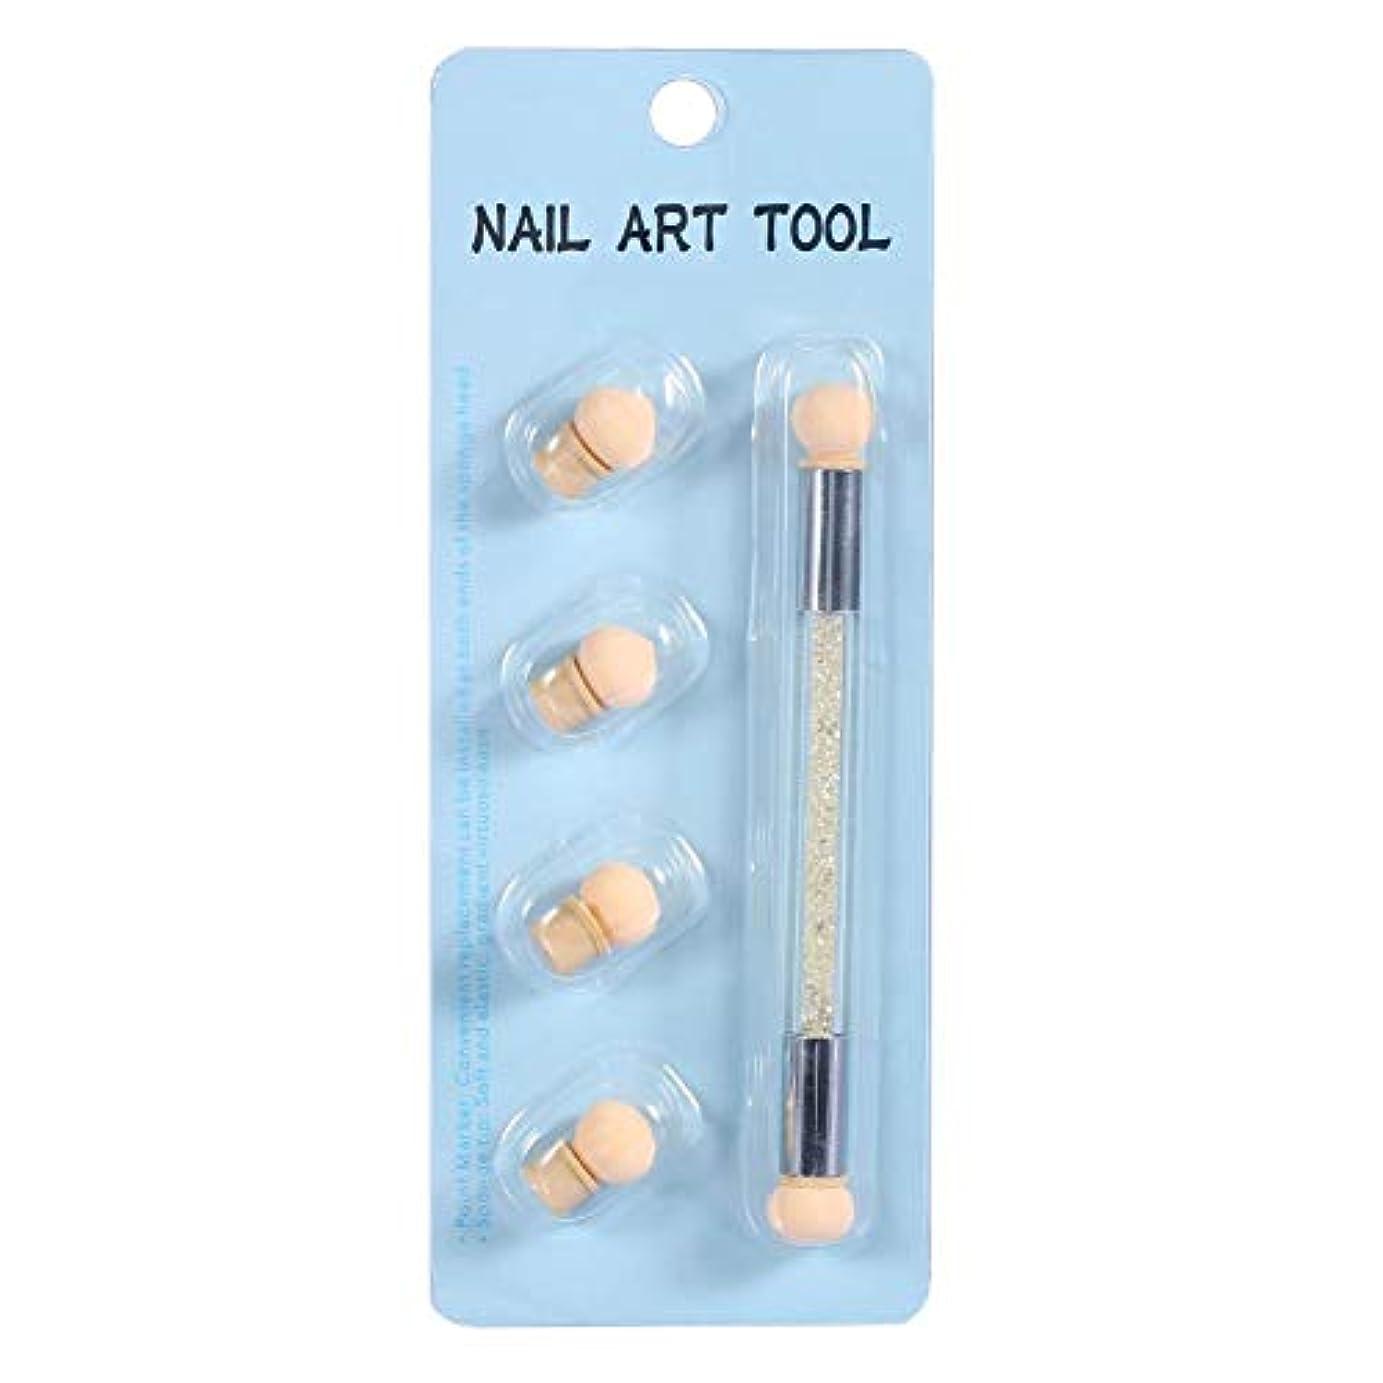 レキシコン南西天のネイルアート 4個 交換用 スポンジヘッド ネイルアートスポンジブラシ ネイル筆 ドットペン